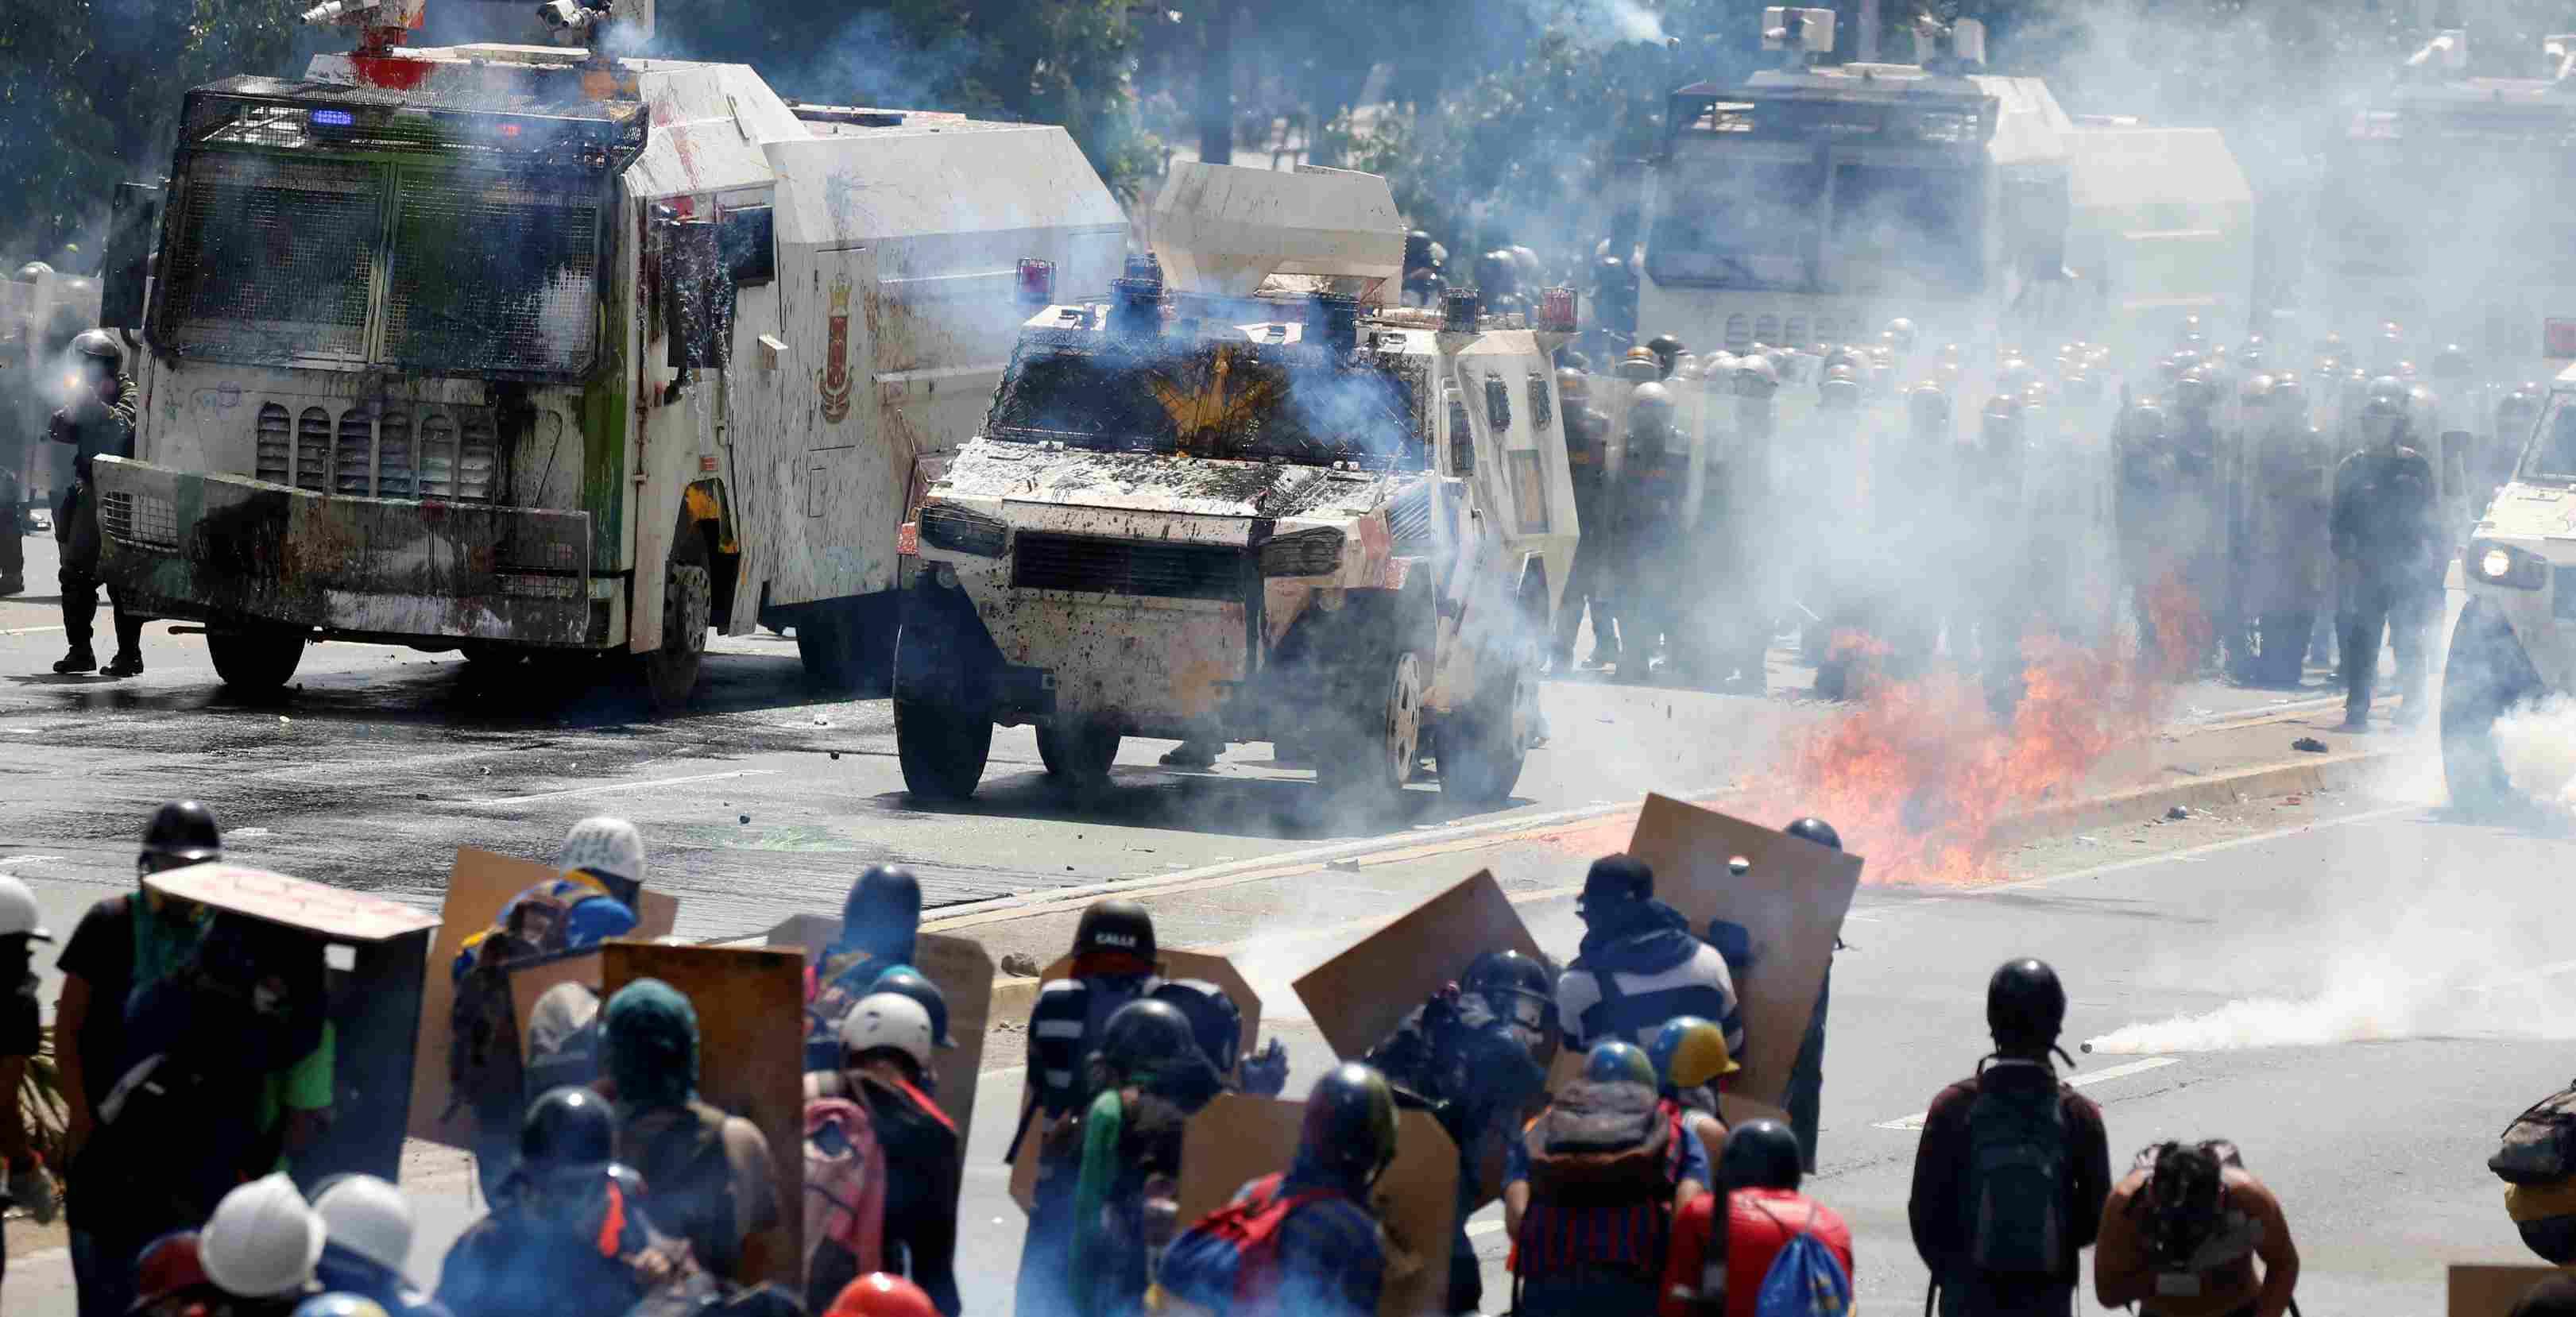 La GNB y la PNB lograron hacer retroceder a los manifestantes que habían tomado la avenida Francisco Fajardo hacia el distribuidor Altamira